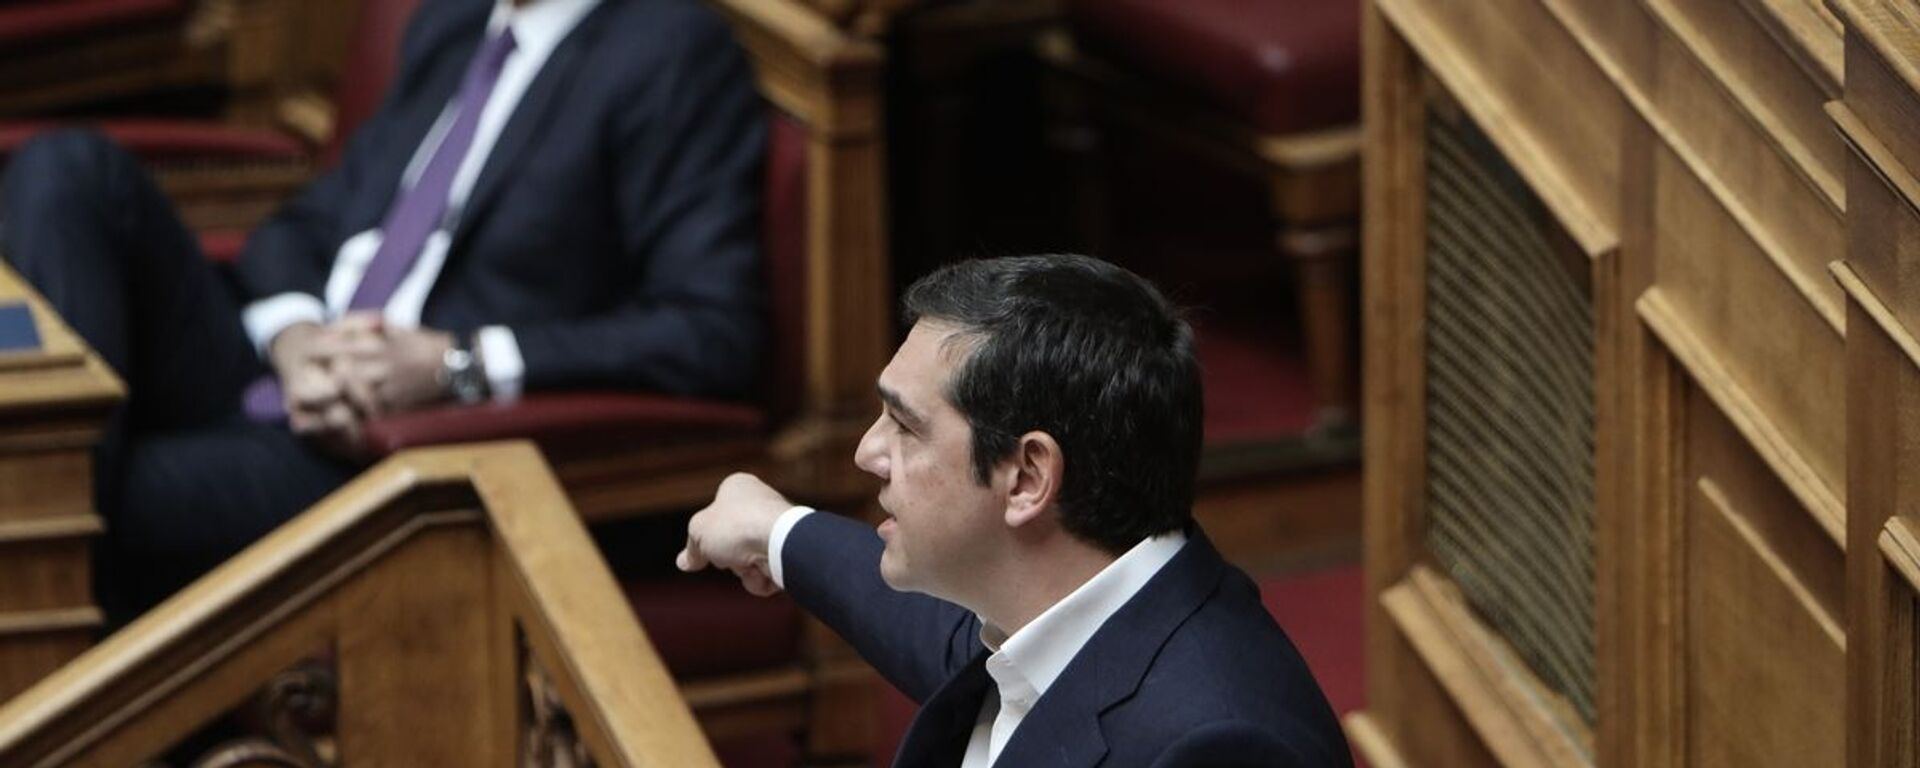 Ο Κυριάκος Μητσοτάκης και ο Αλέξης Τσίπρας - Sputnik Ελλάδα, 1920, 01.10.2021